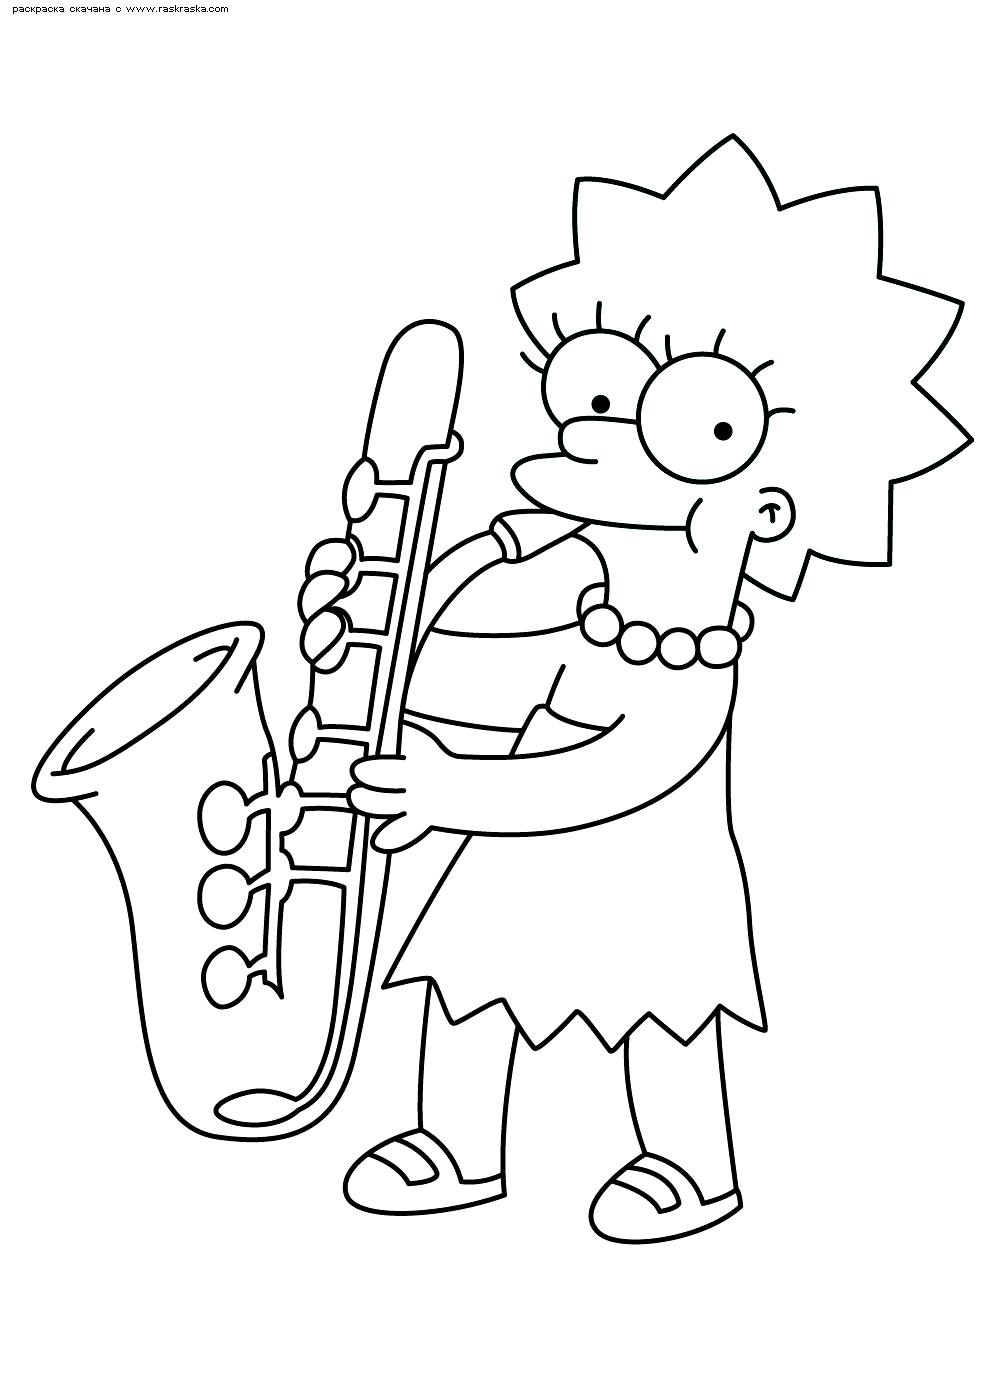 Раскраска Лиза с саксофоном. Раскраска Симпсоны, саксофон